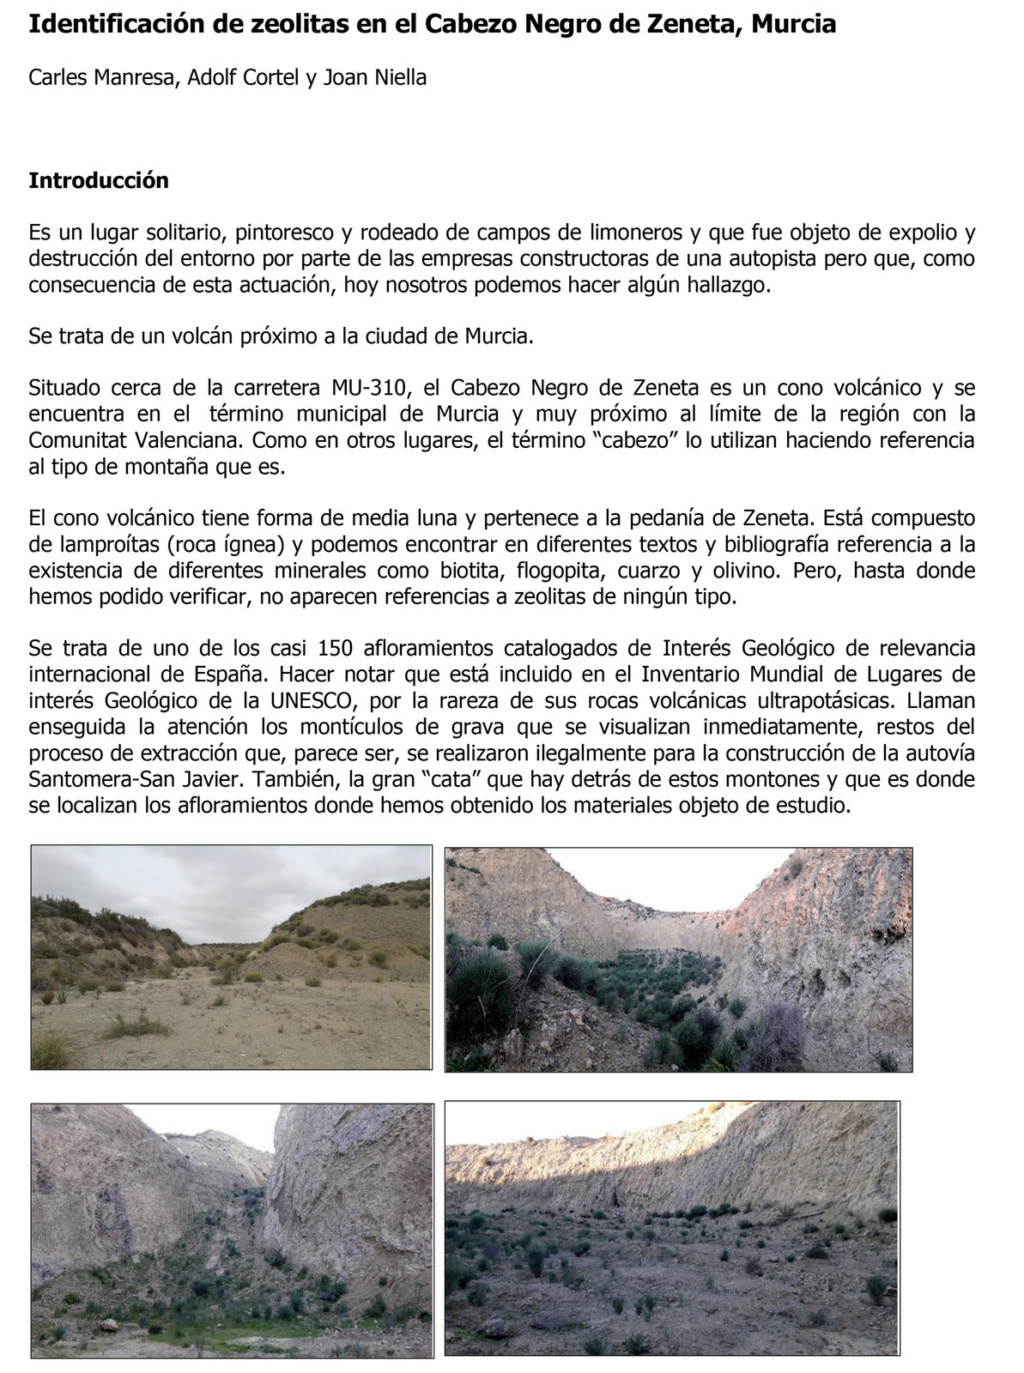 Cabezo Negro - Zeneta - Murcia Zeneta17